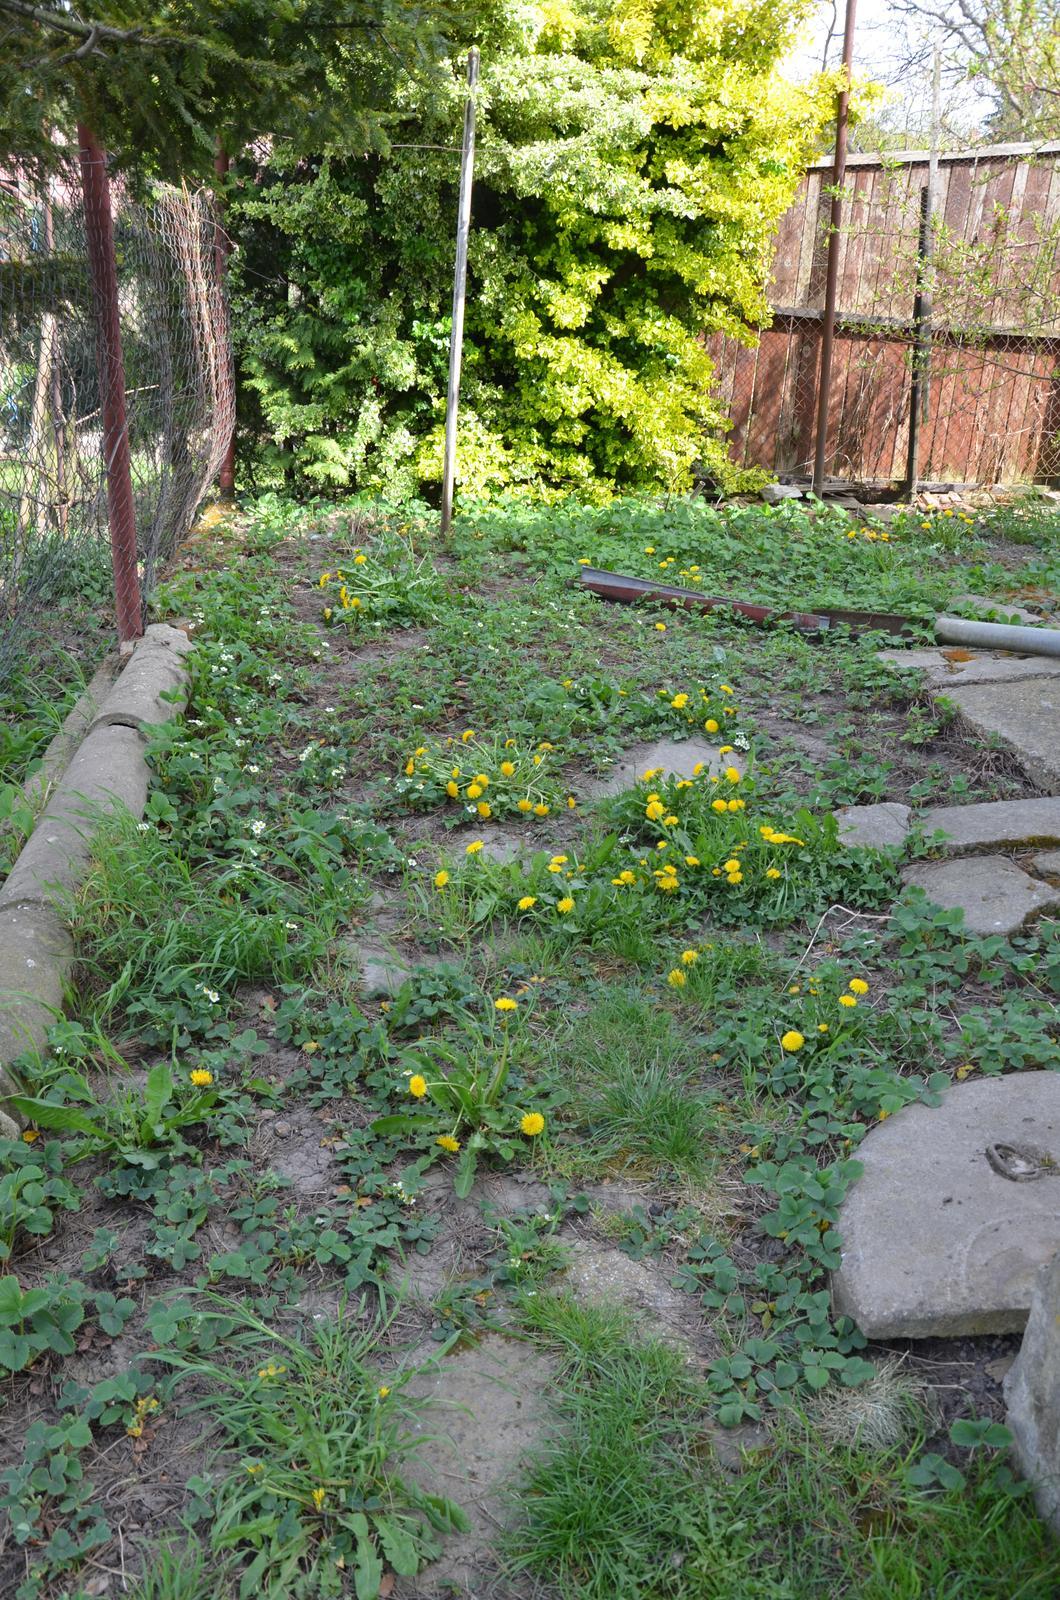 Vysněná zahrada... - za hnojníkem...spousta jahod, pampelišek a plevele...a vzadu jsem objevila levanduli!